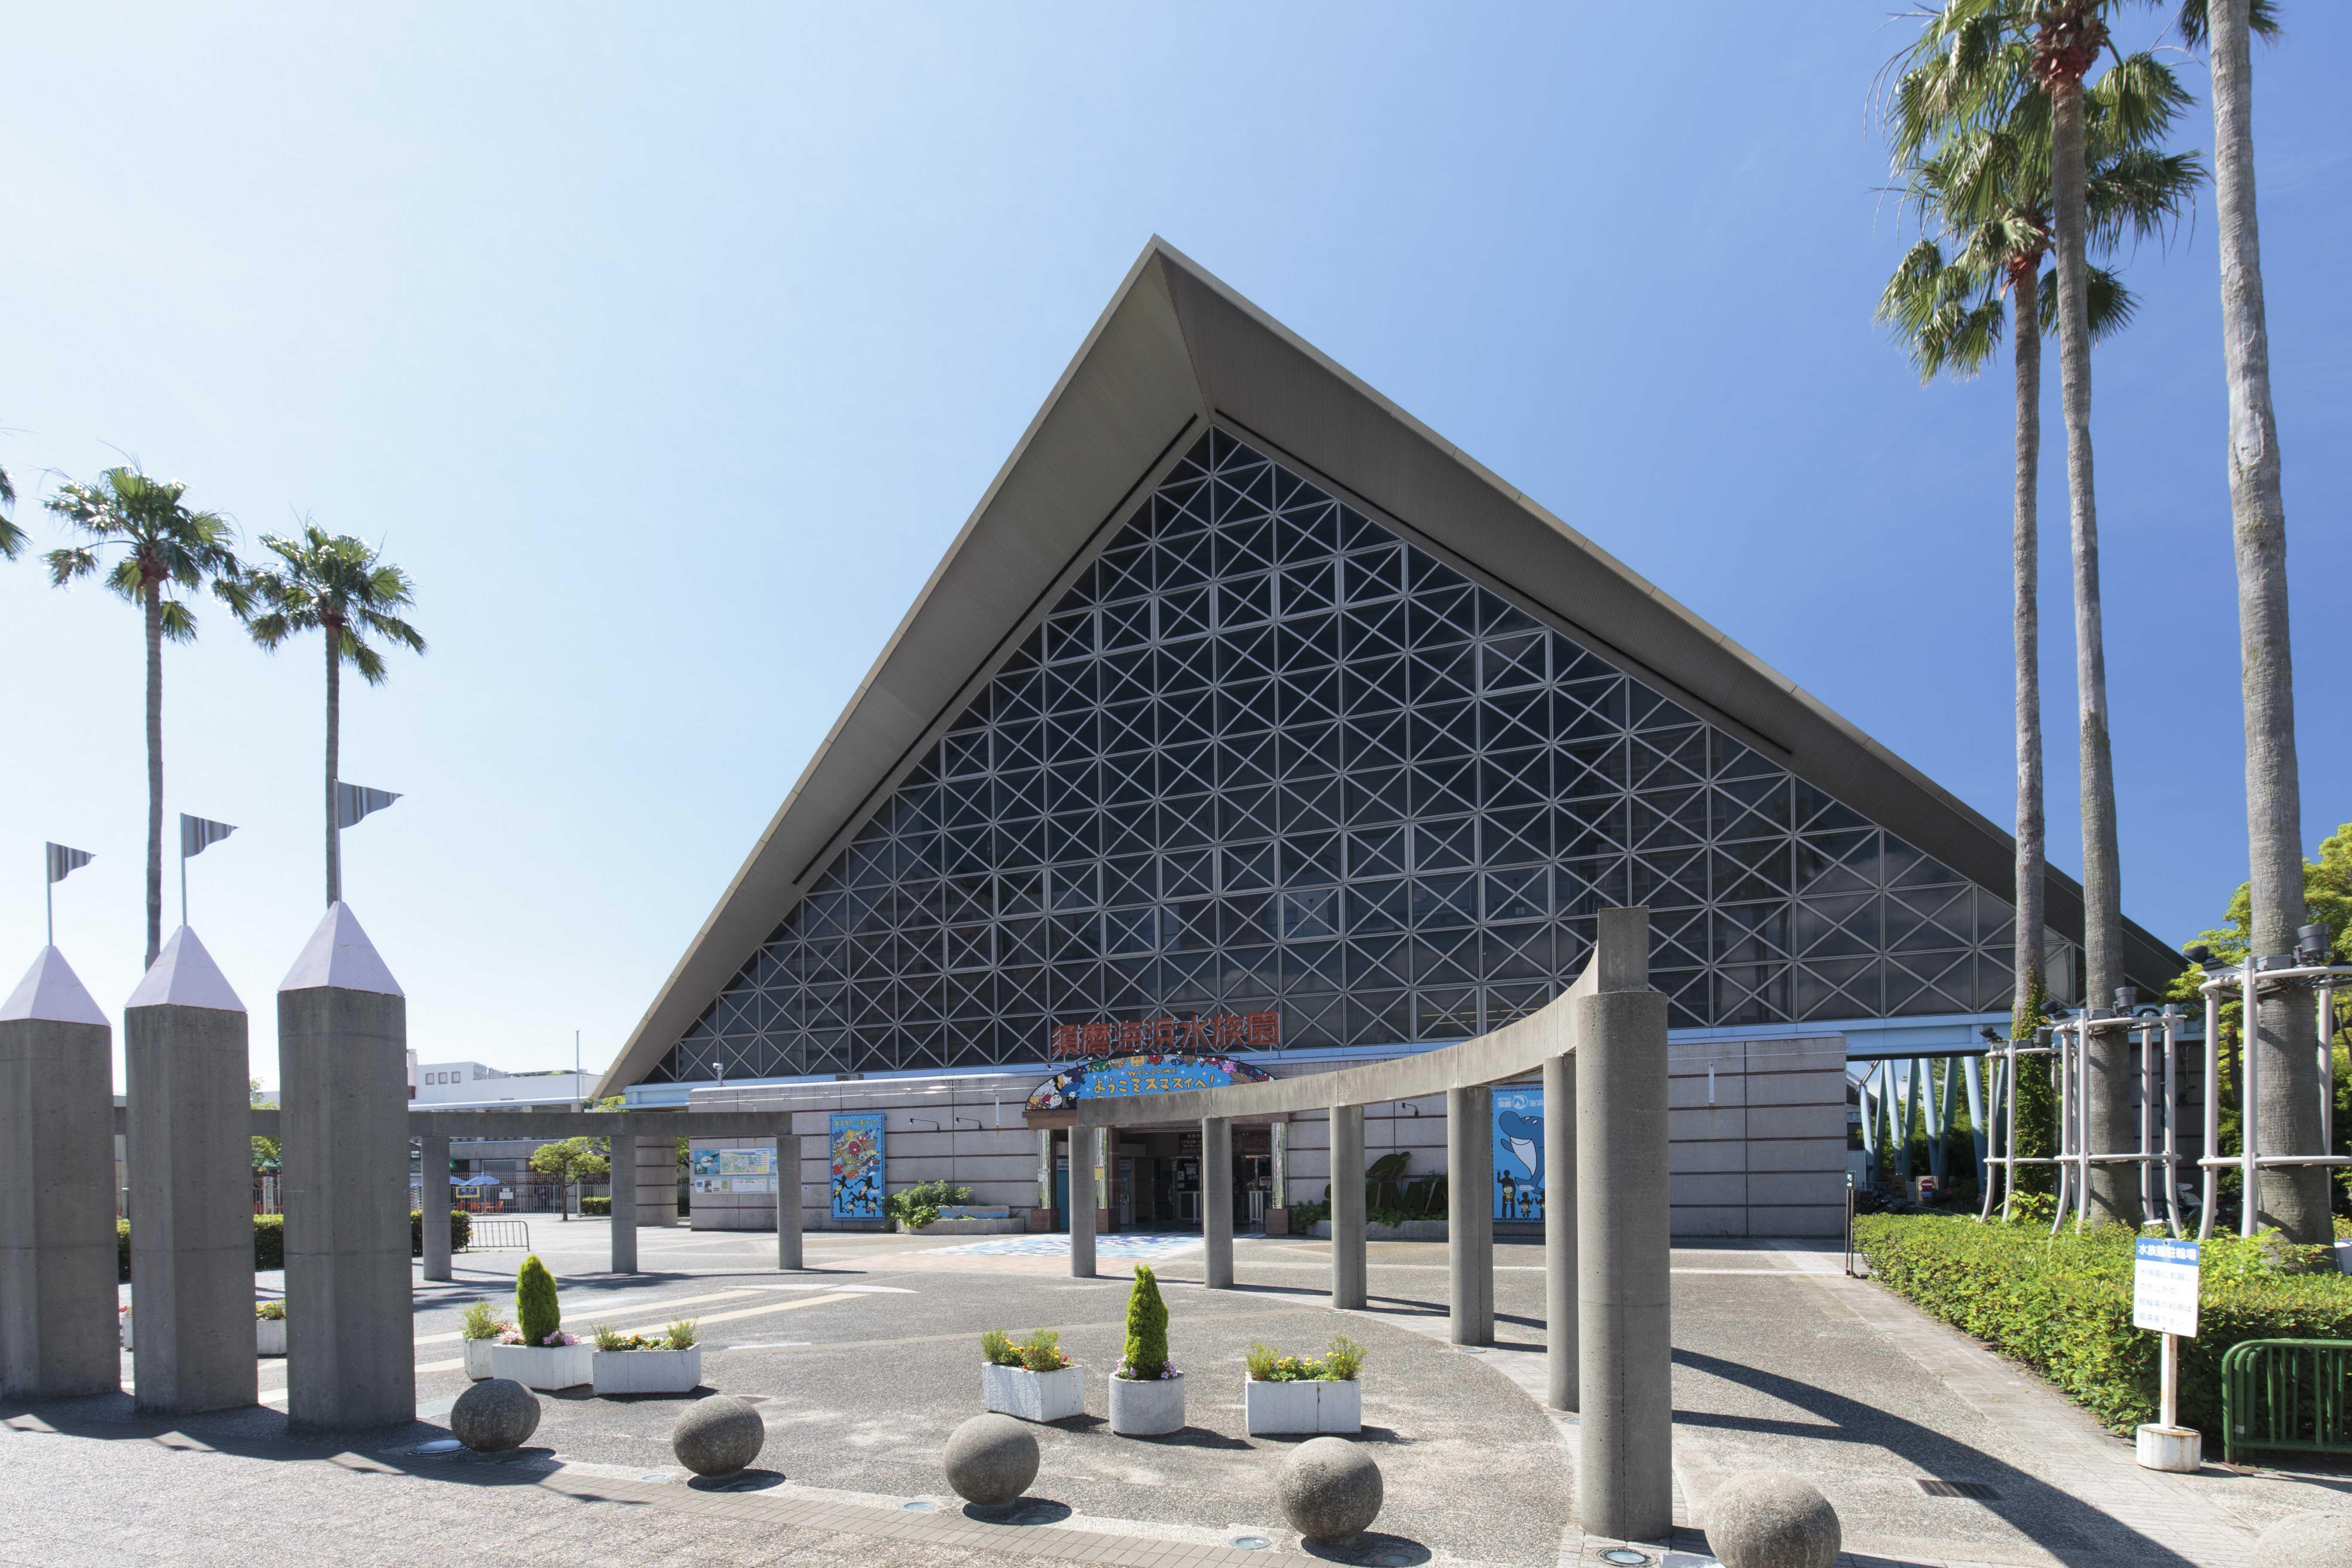 須磨 海浜 水族 園 須磨海浜水族園 [公式サイト]